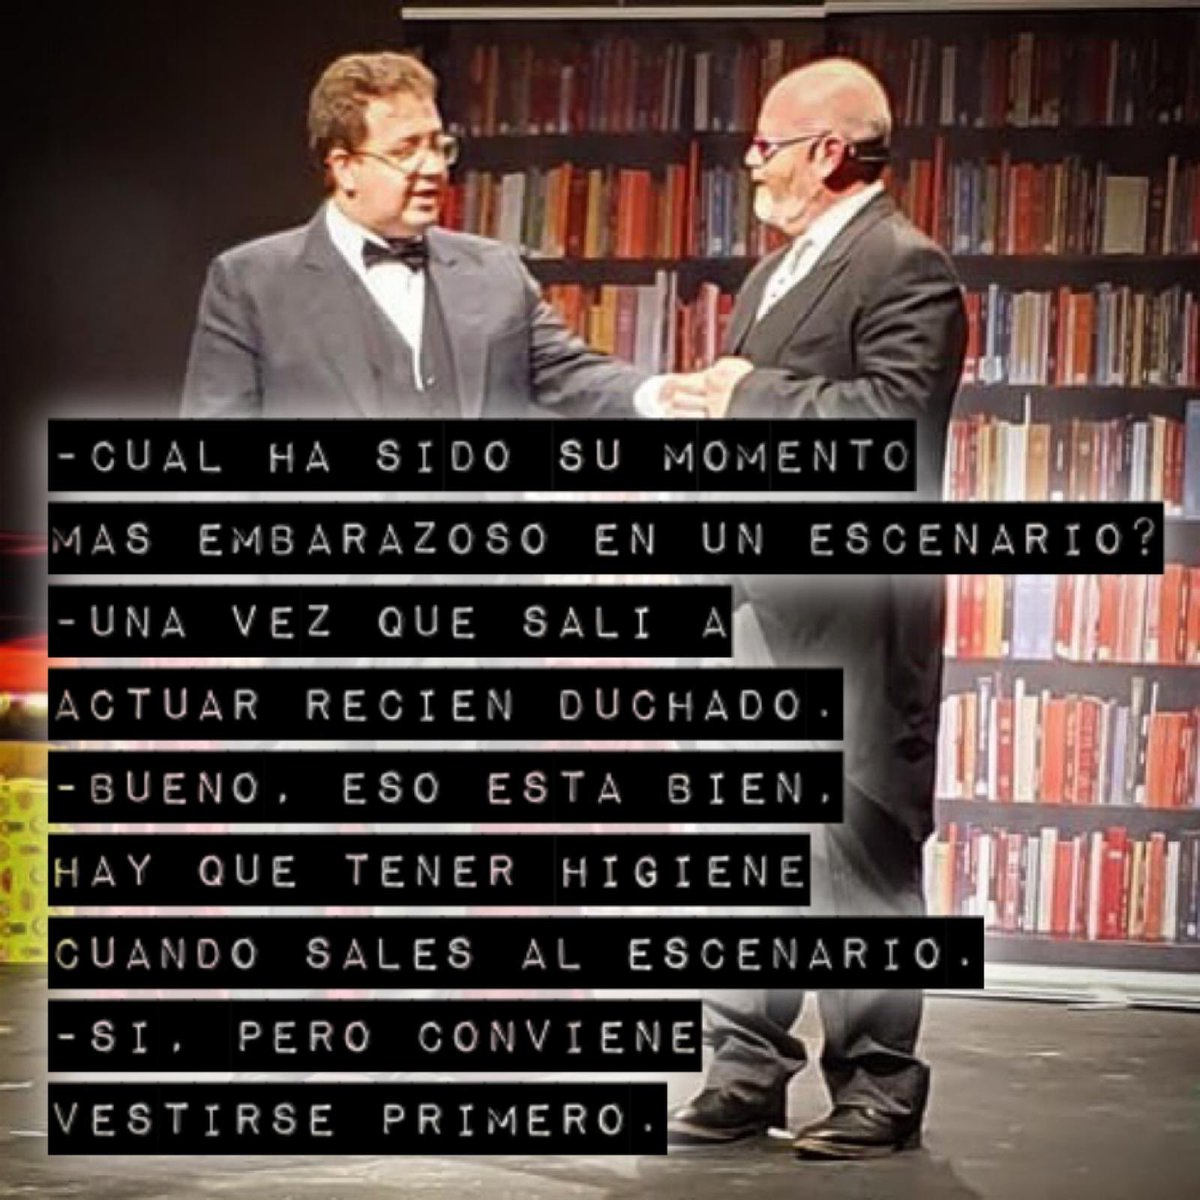 Cosas de Abra y Cadabra. #magia #humor #comedia #risas #teatro #mago #magos #abraycadabra #abraycadabraproduccionespic.twitter.com/okWr7smQTc